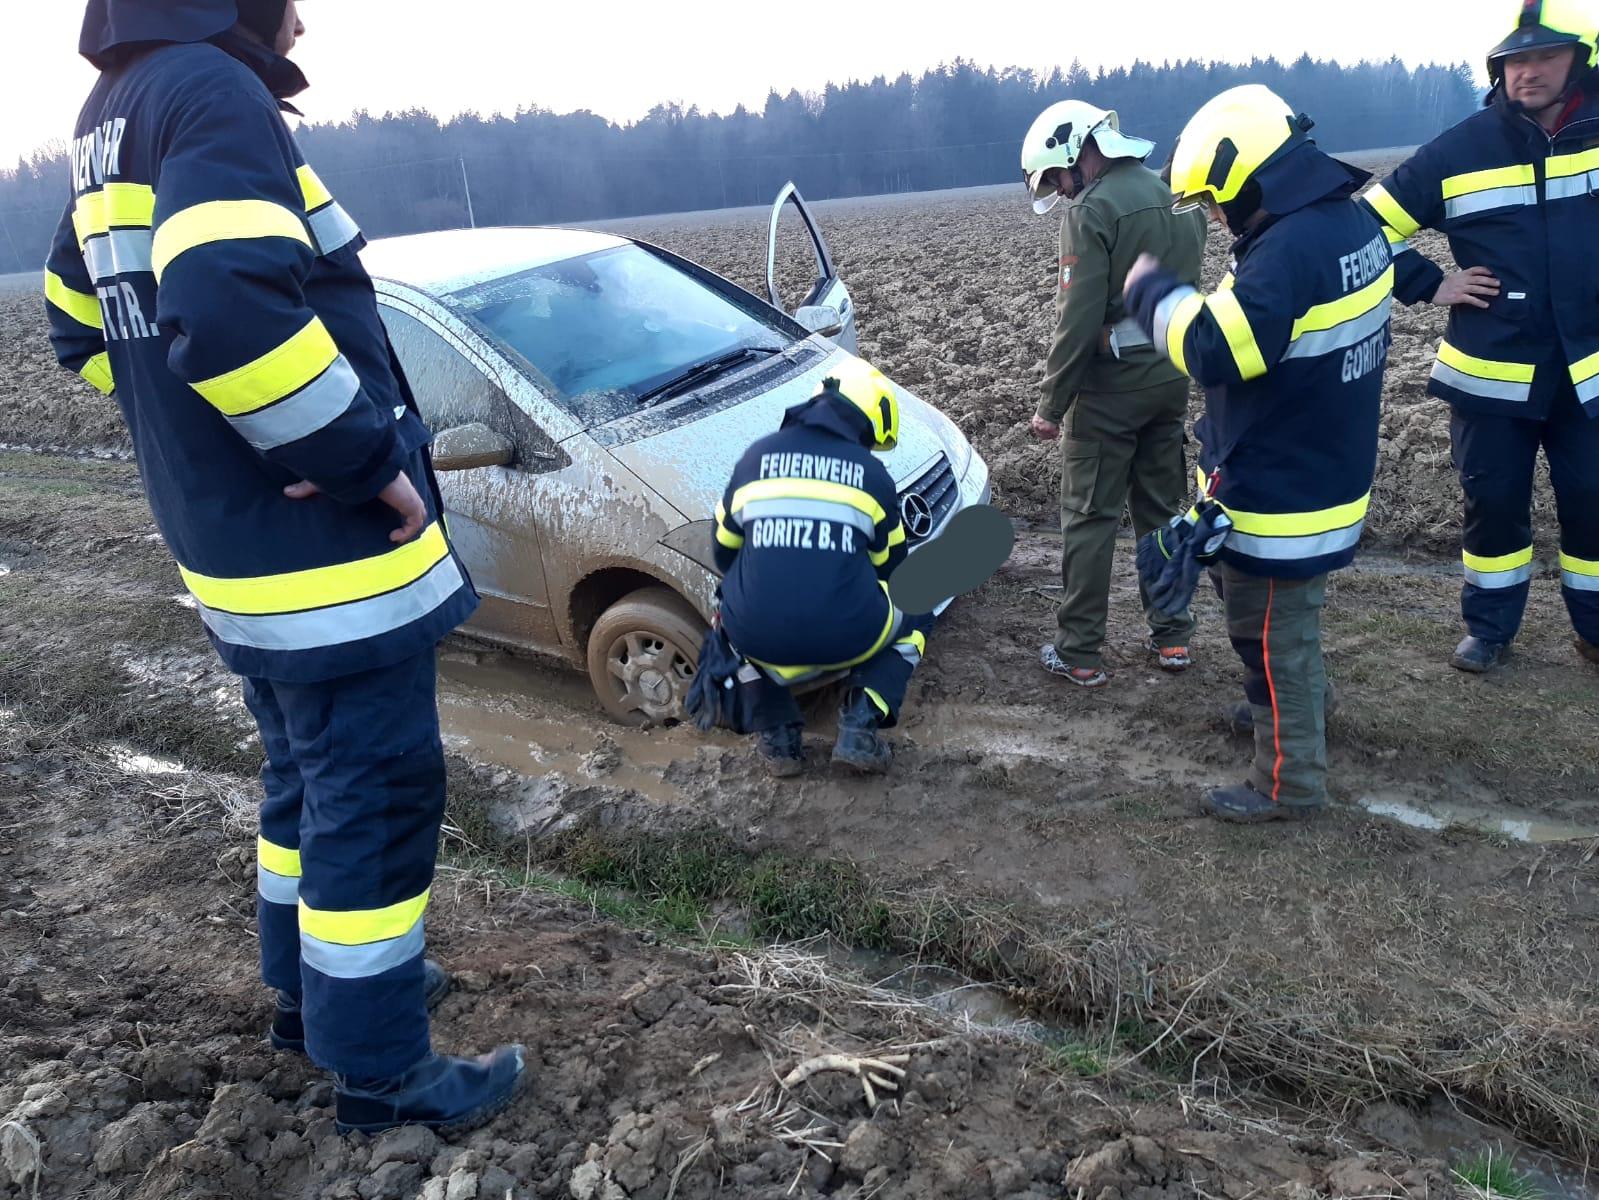 Einsatz FF Goritz, Fahrzeugbergung, Binden von Betriebsmittel